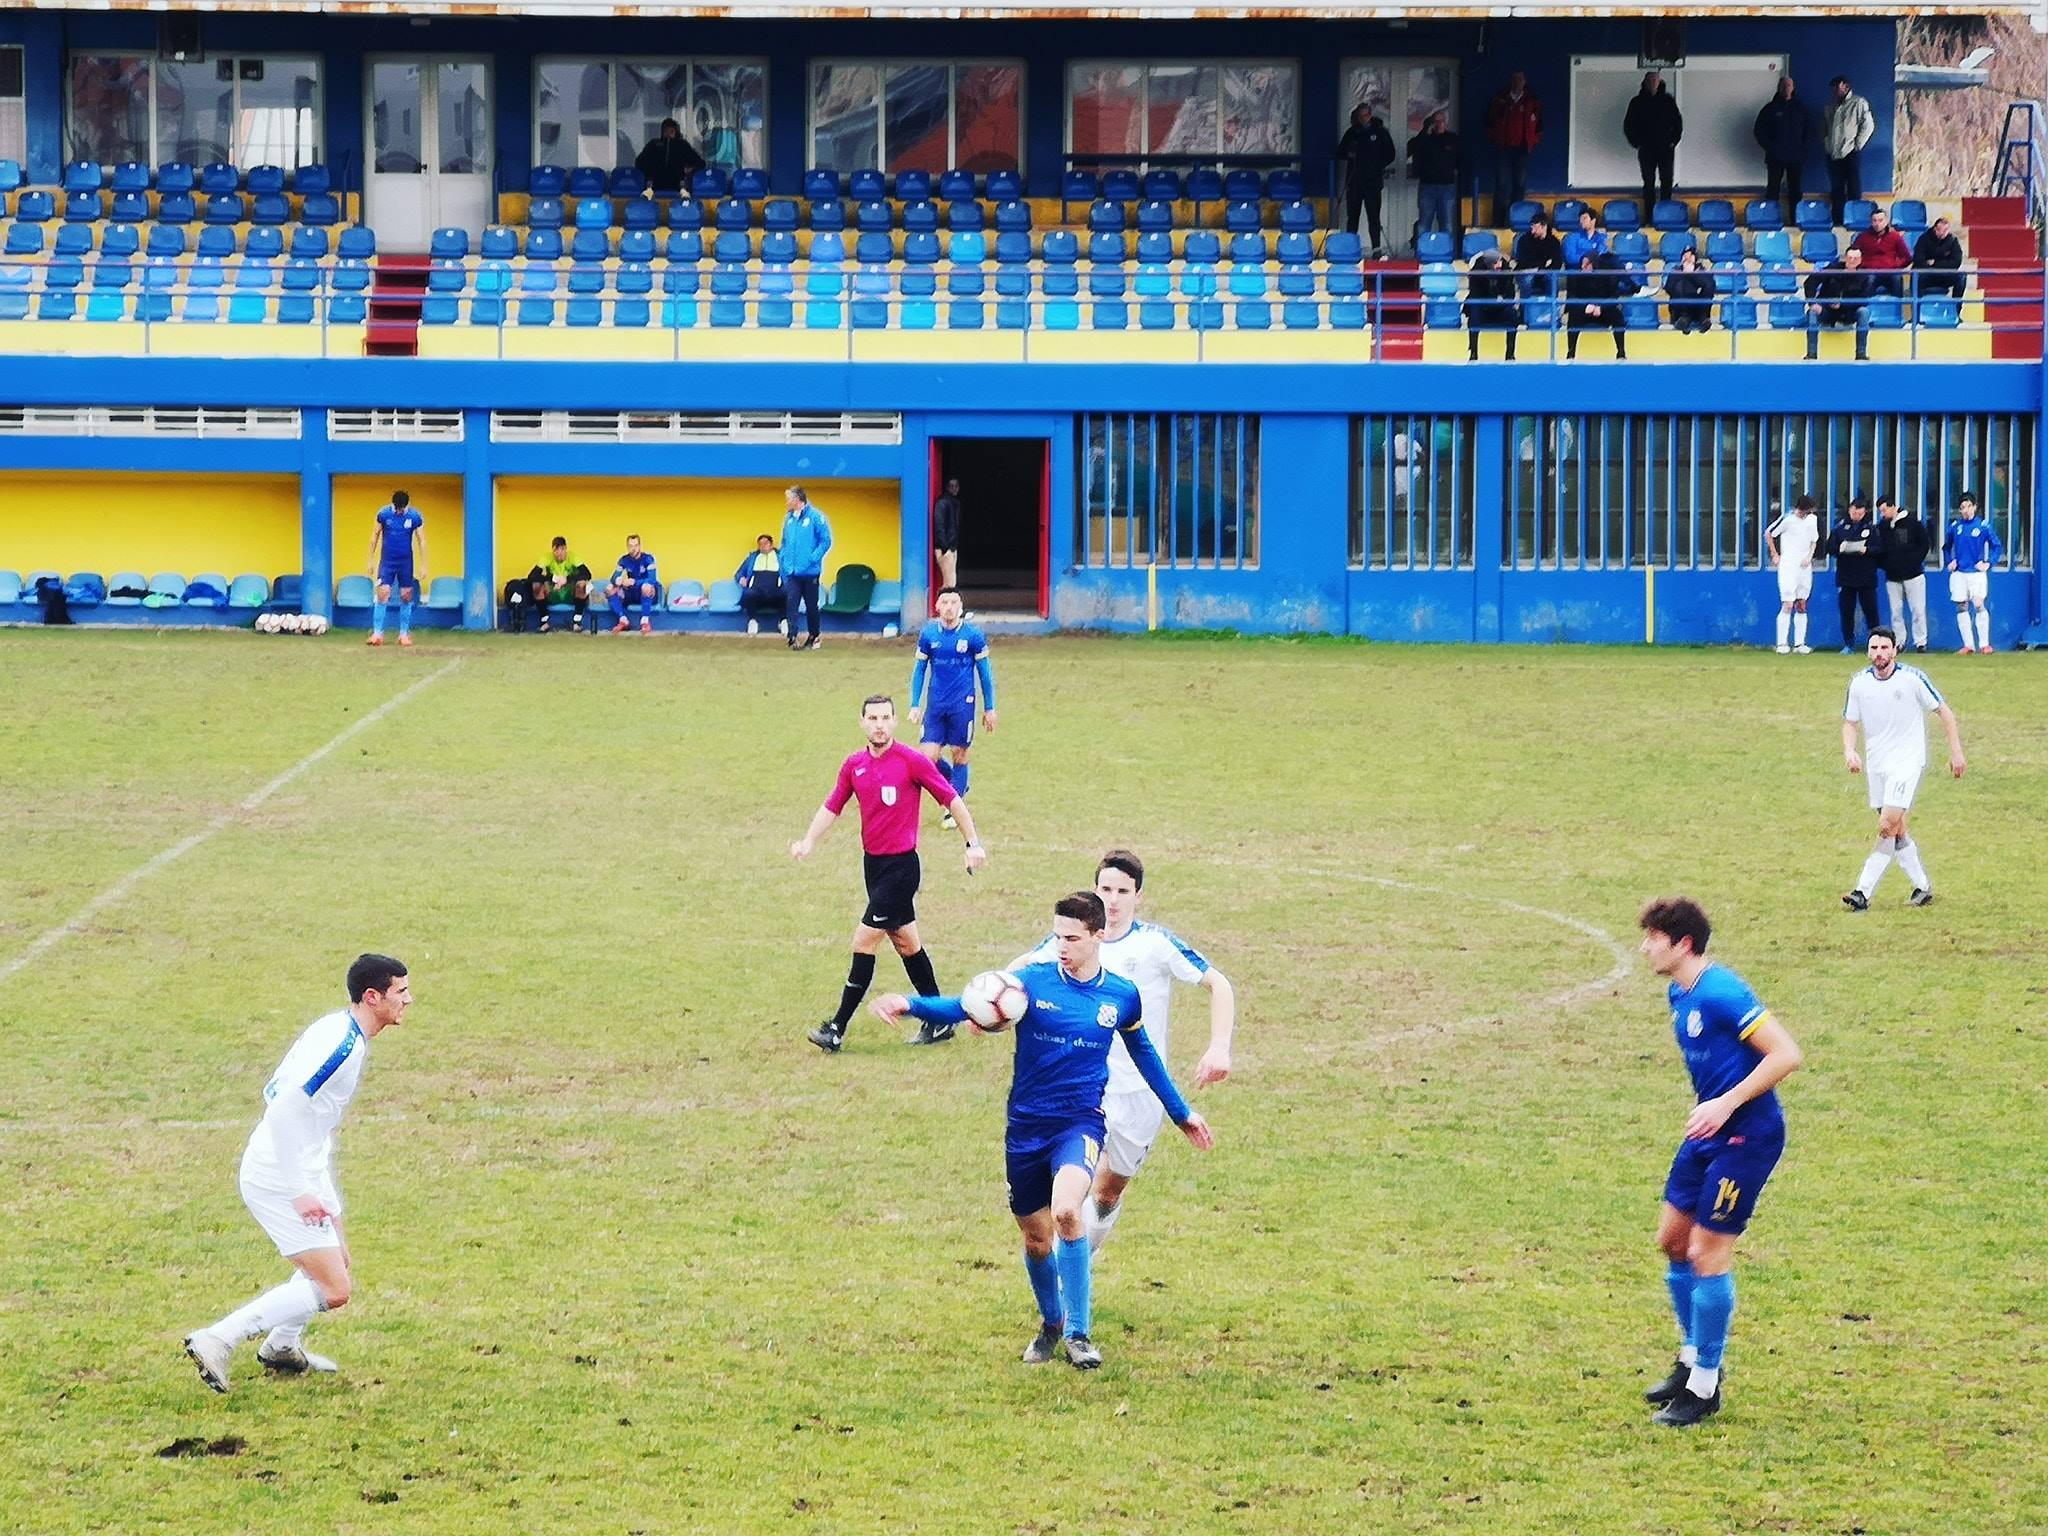 Poraz nogometaša Zadra u drugoj provjeri kod Solina